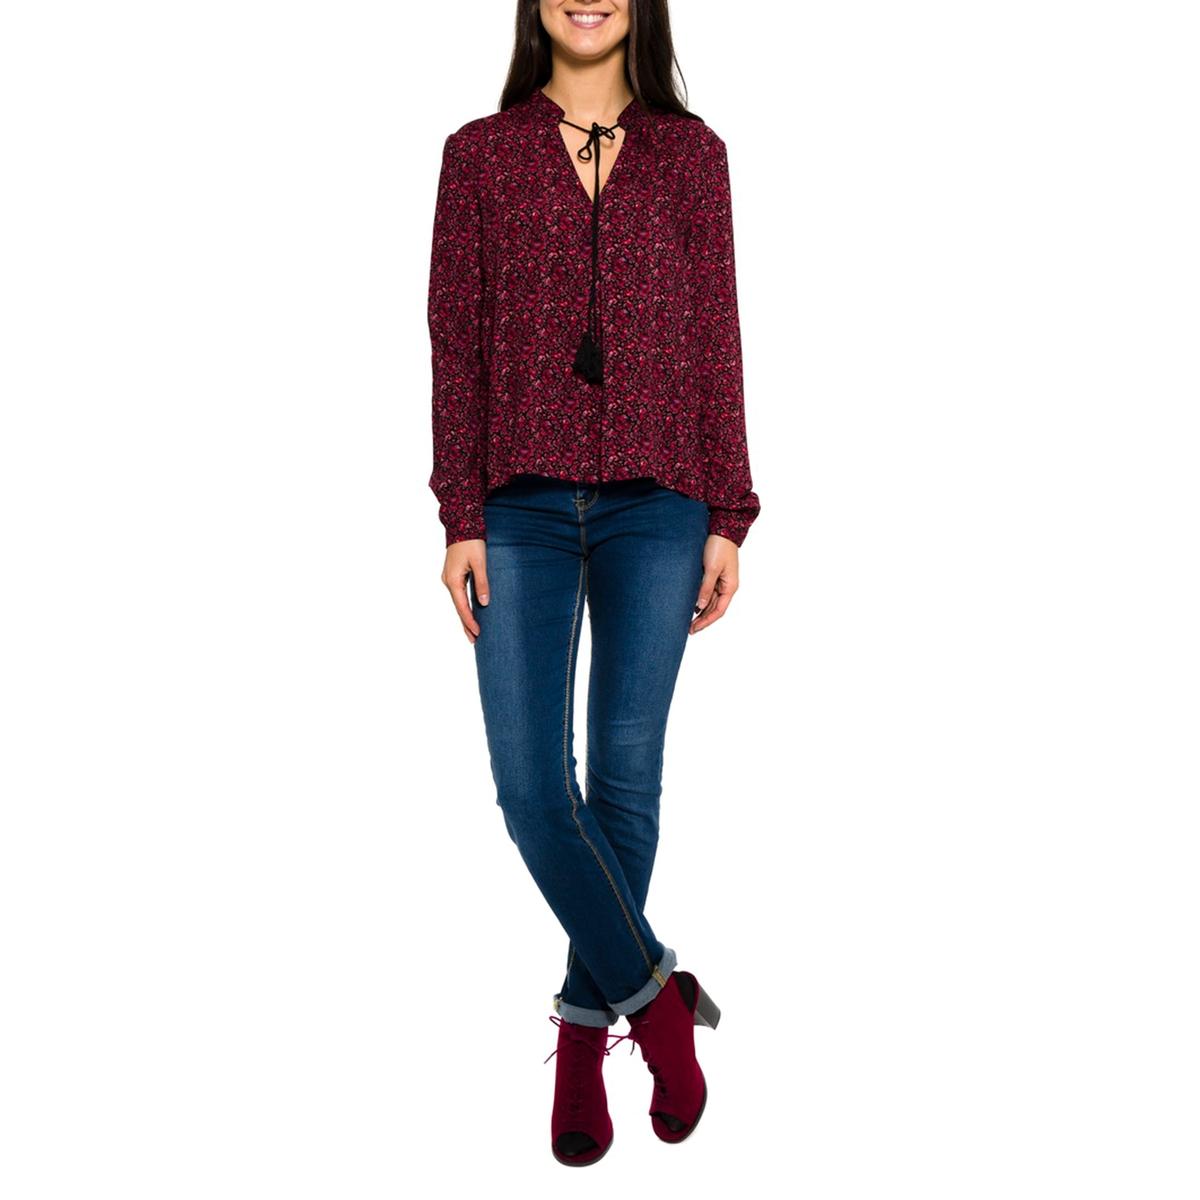 Блузка с длинными рукавамиСостав и описание     Материал: 100% вискозы.     Марка: PARAMITA<br><br>Цвет: бордовый/цветочный рисунок